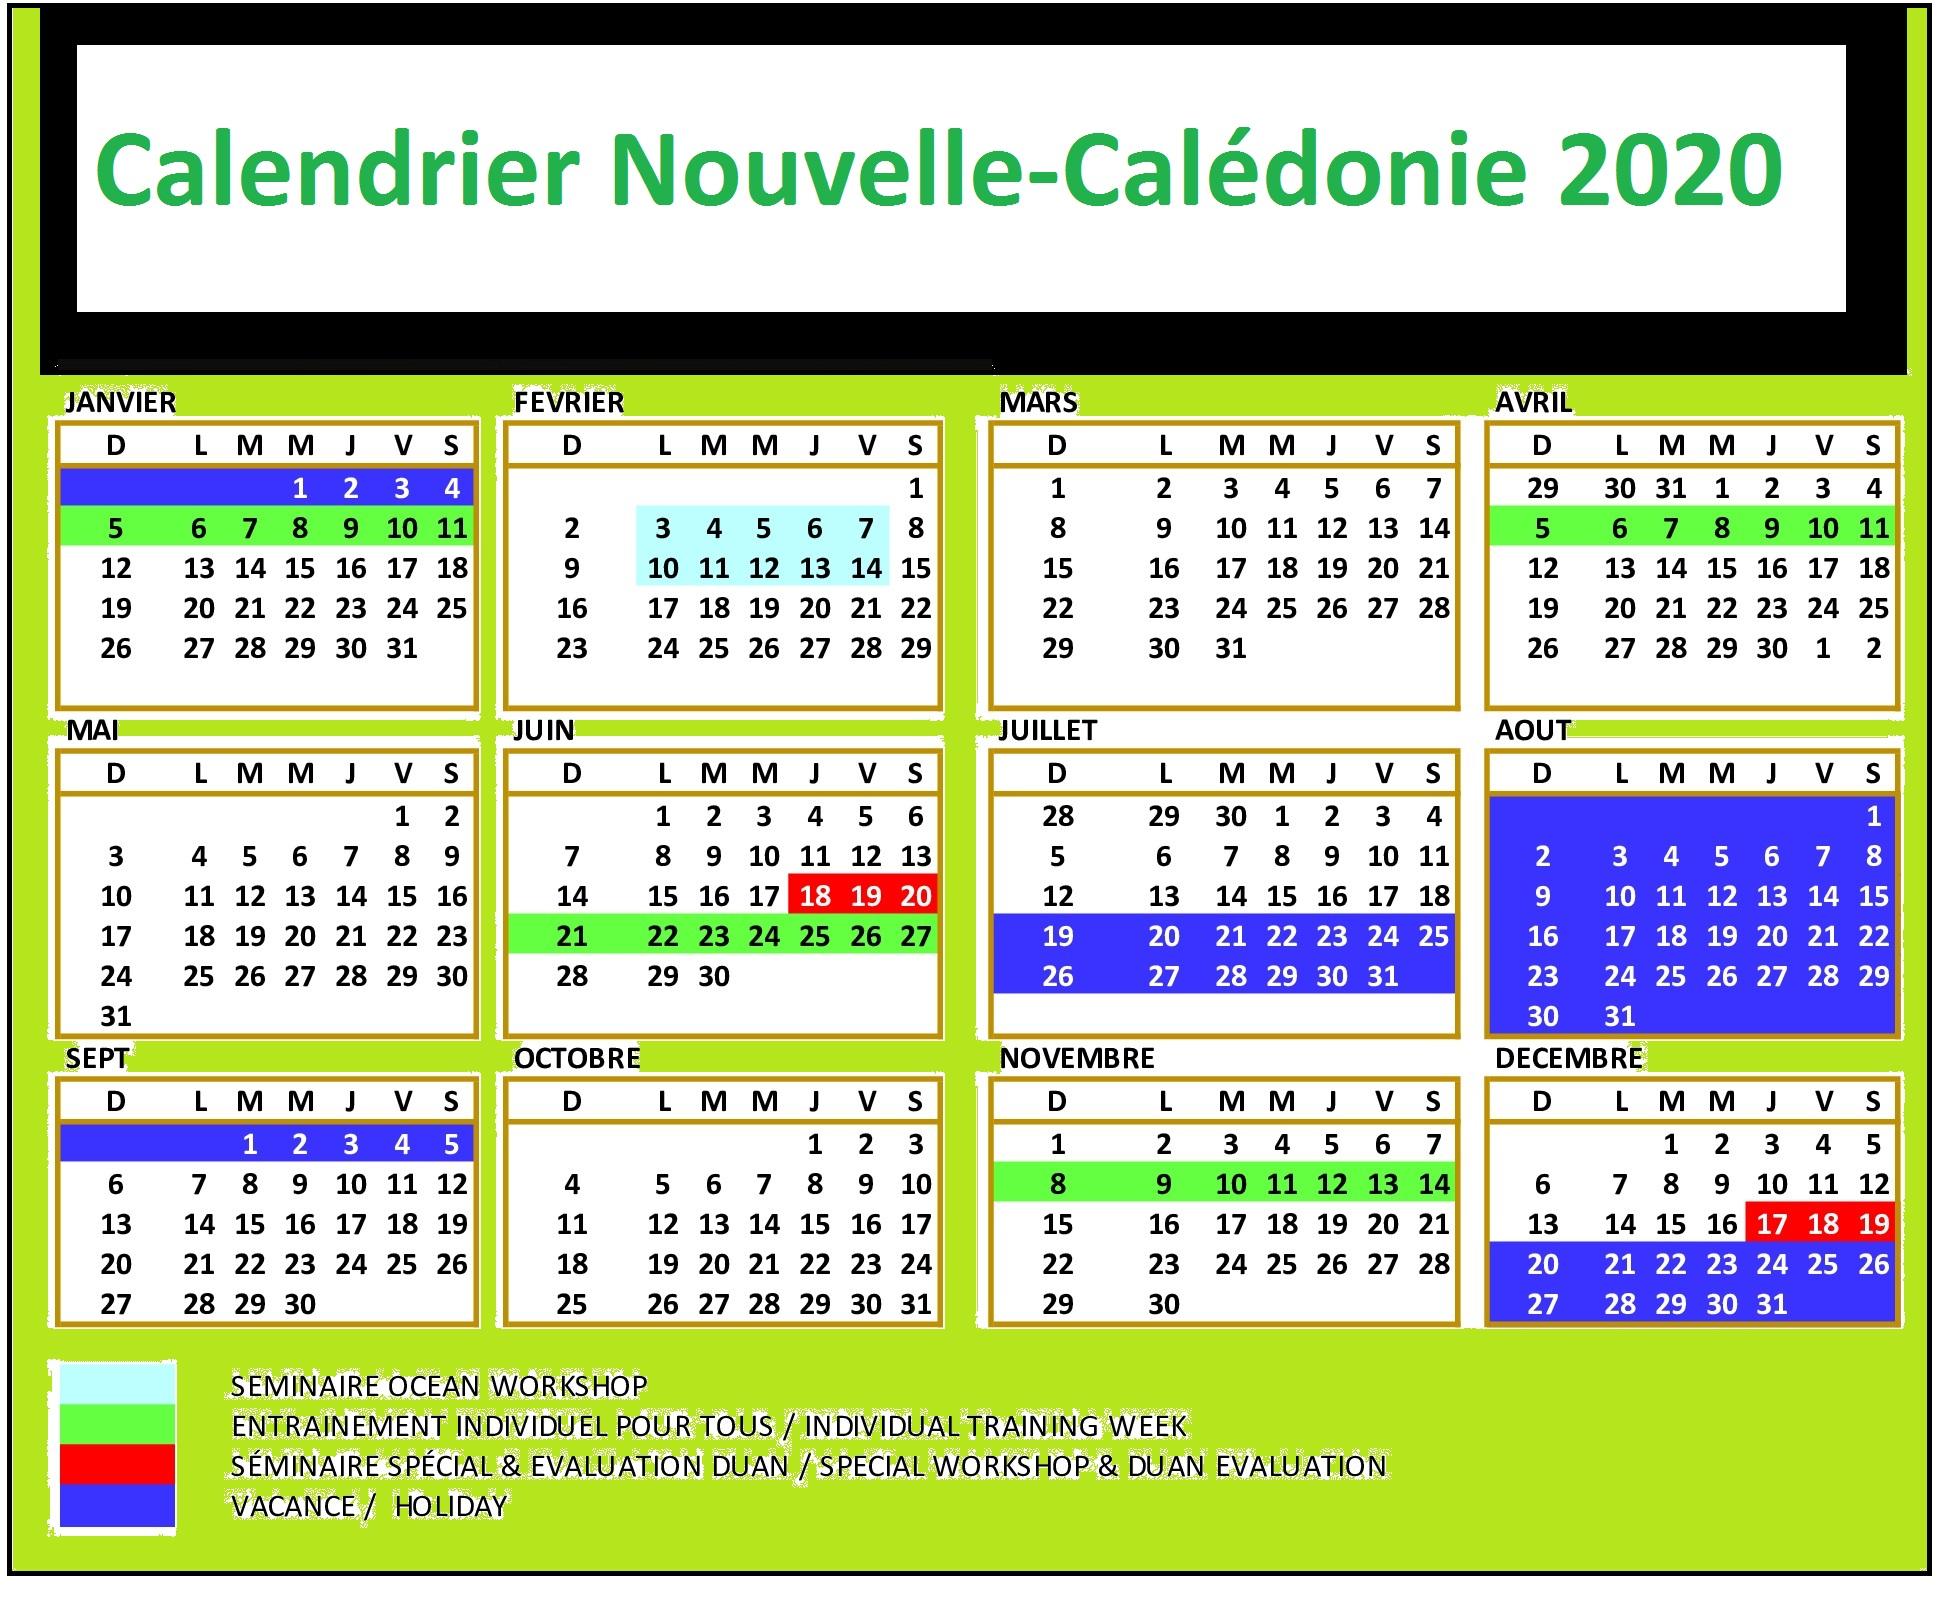 Calendrier 2020 Nouvelle-Calédonie A Imprimer